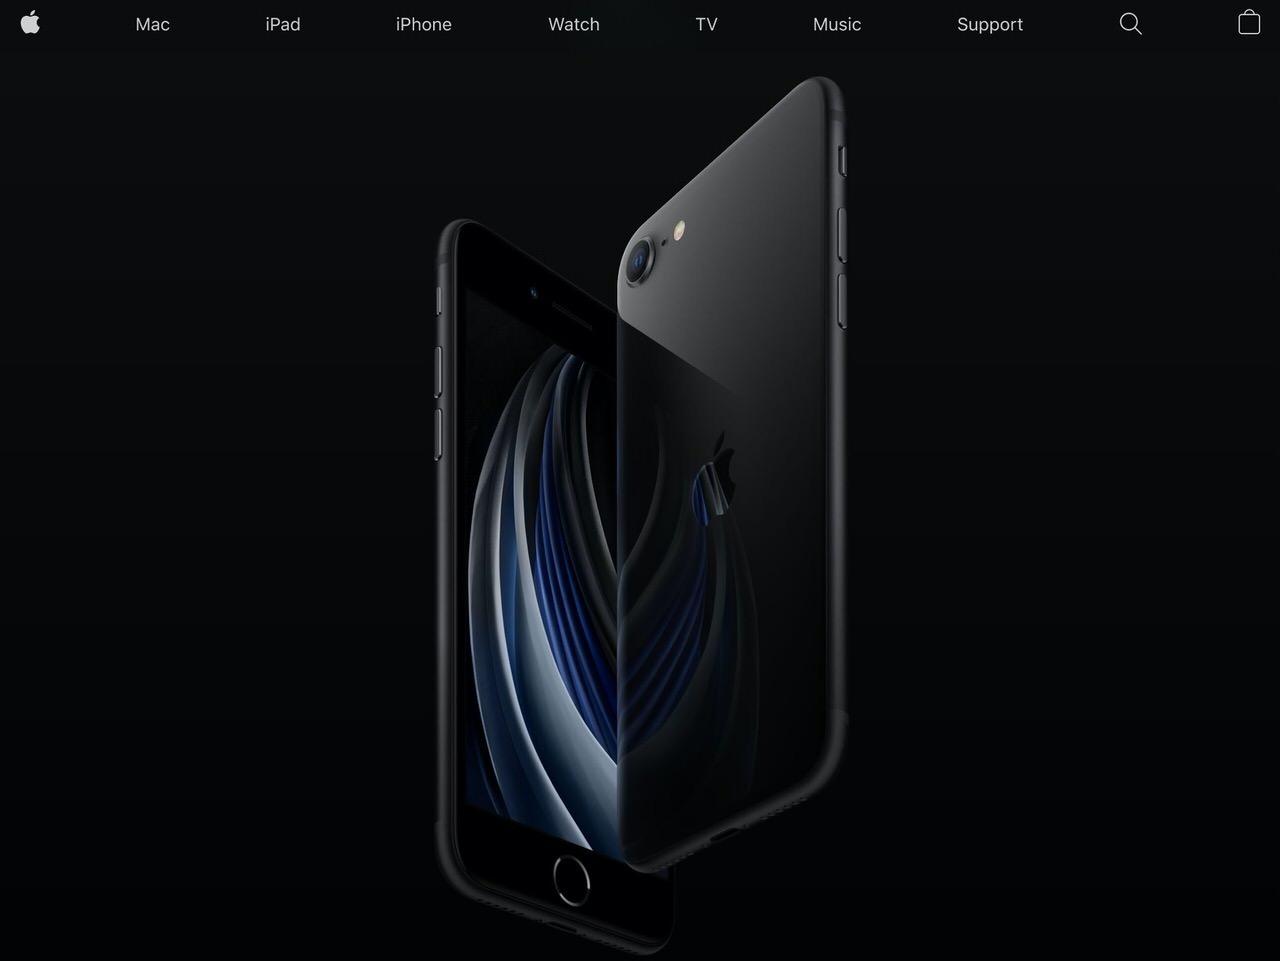 スマホデビュー&買い替えにぴったりな「iPhone SE」発表!iPhone 11 Proと同じチップを搭載し価格は44,800円から